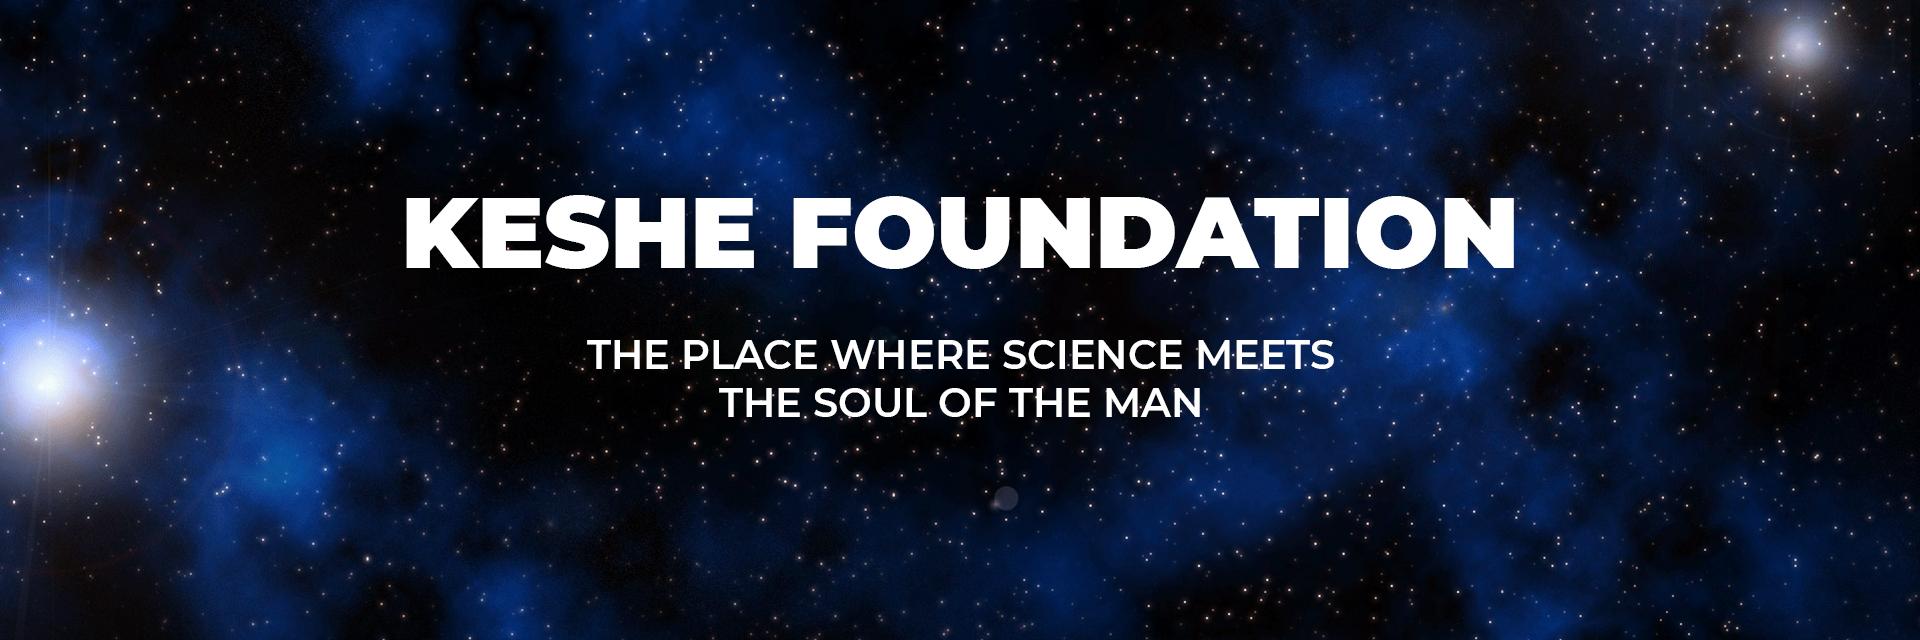 Keshe Foundation